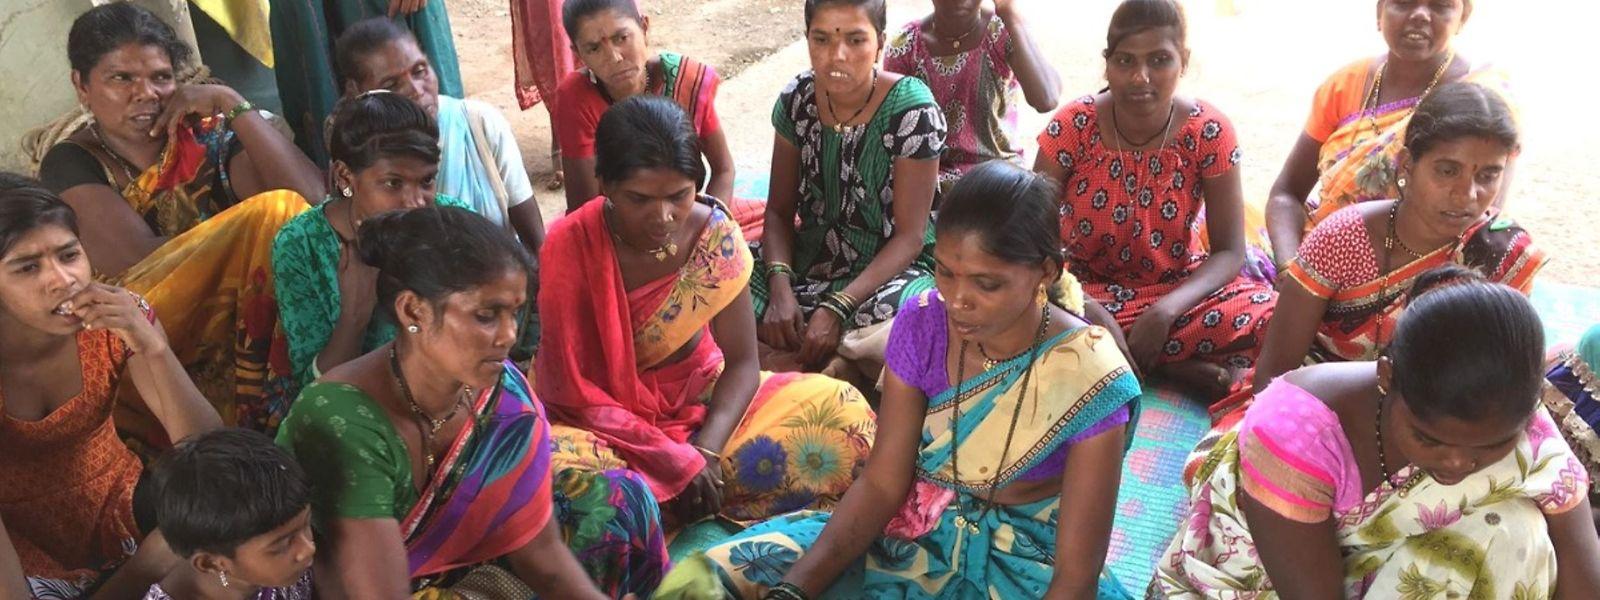 Die Partnerorganisation AWARD beispielsweise kämpft für die Landrechte der Adivasi in Indien.